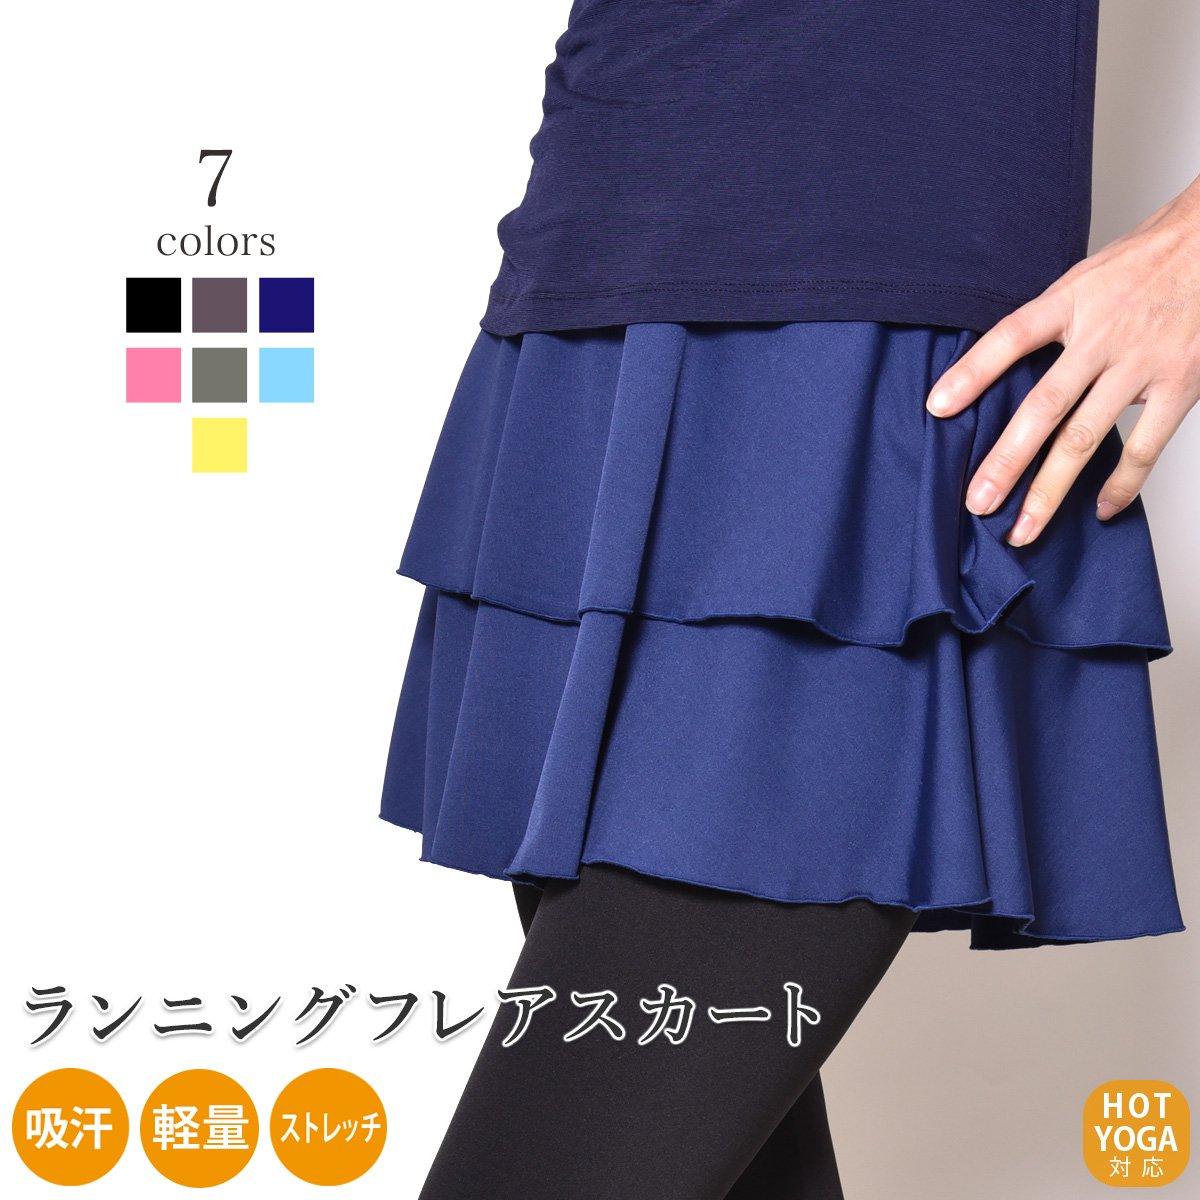 ランニングフレアスカート ランニングウェア ミニスカート ランスカ ジョギング ヨガウェア ズンバウェア